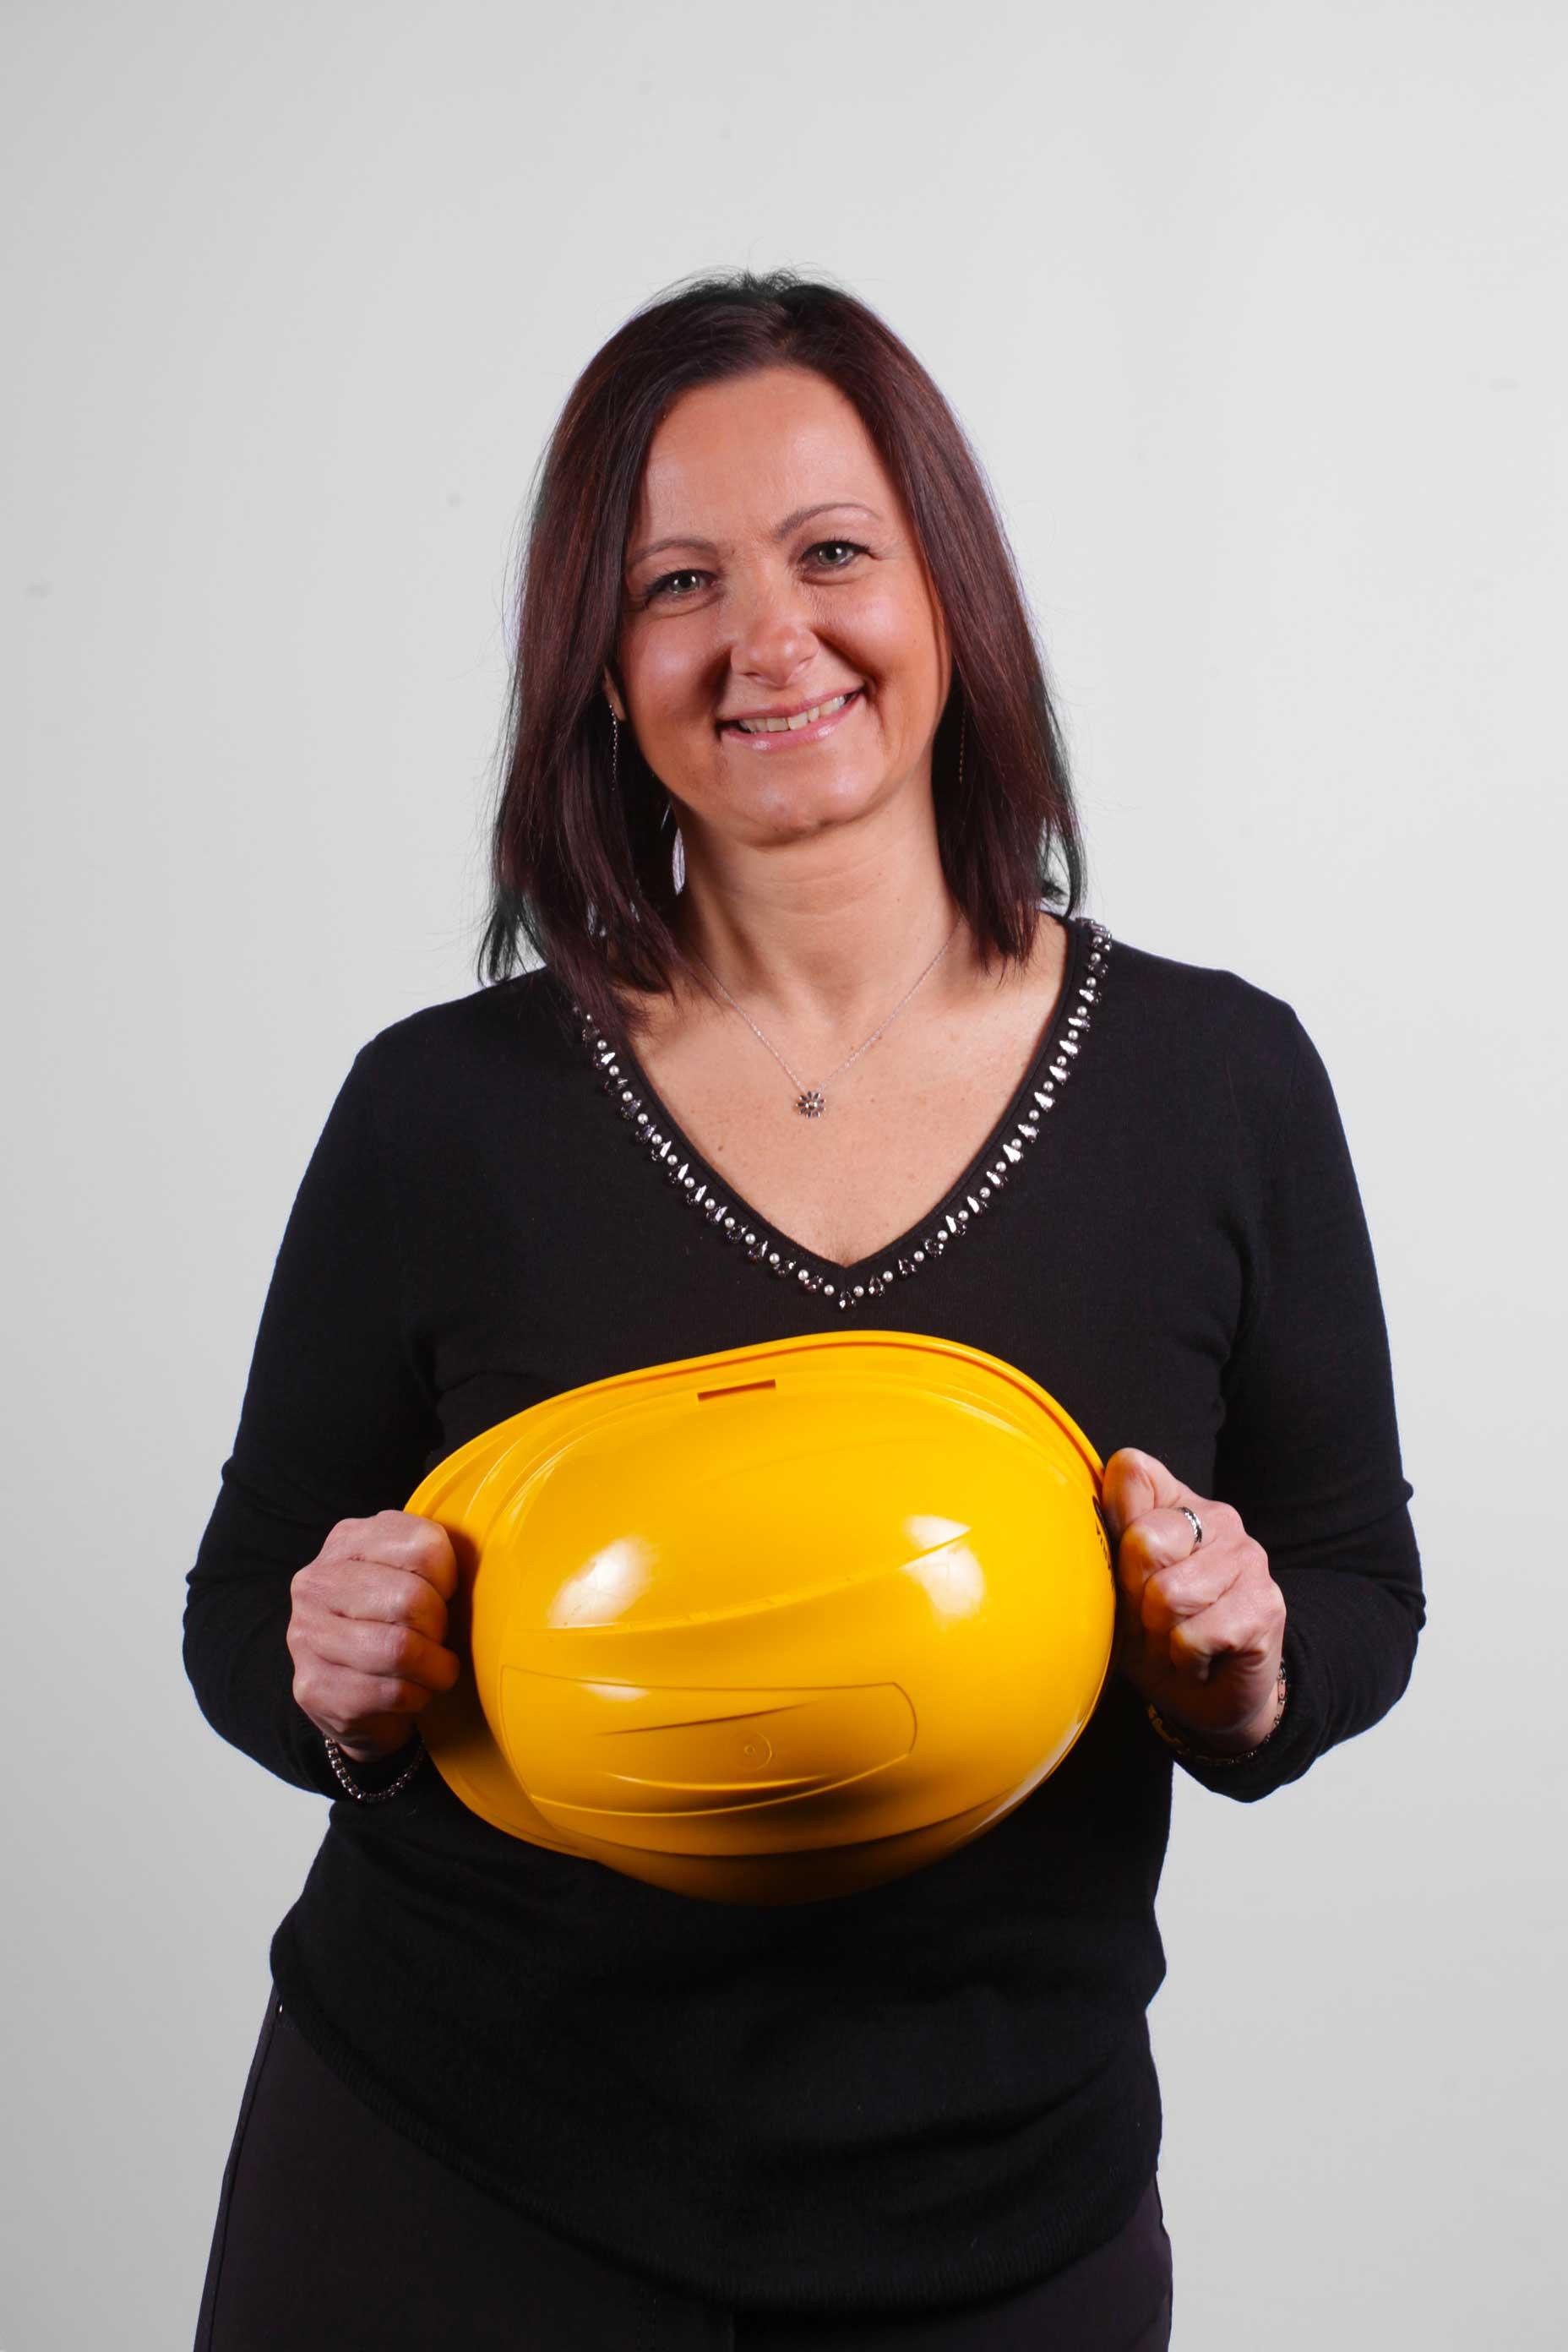 Ilaria Sbuelz